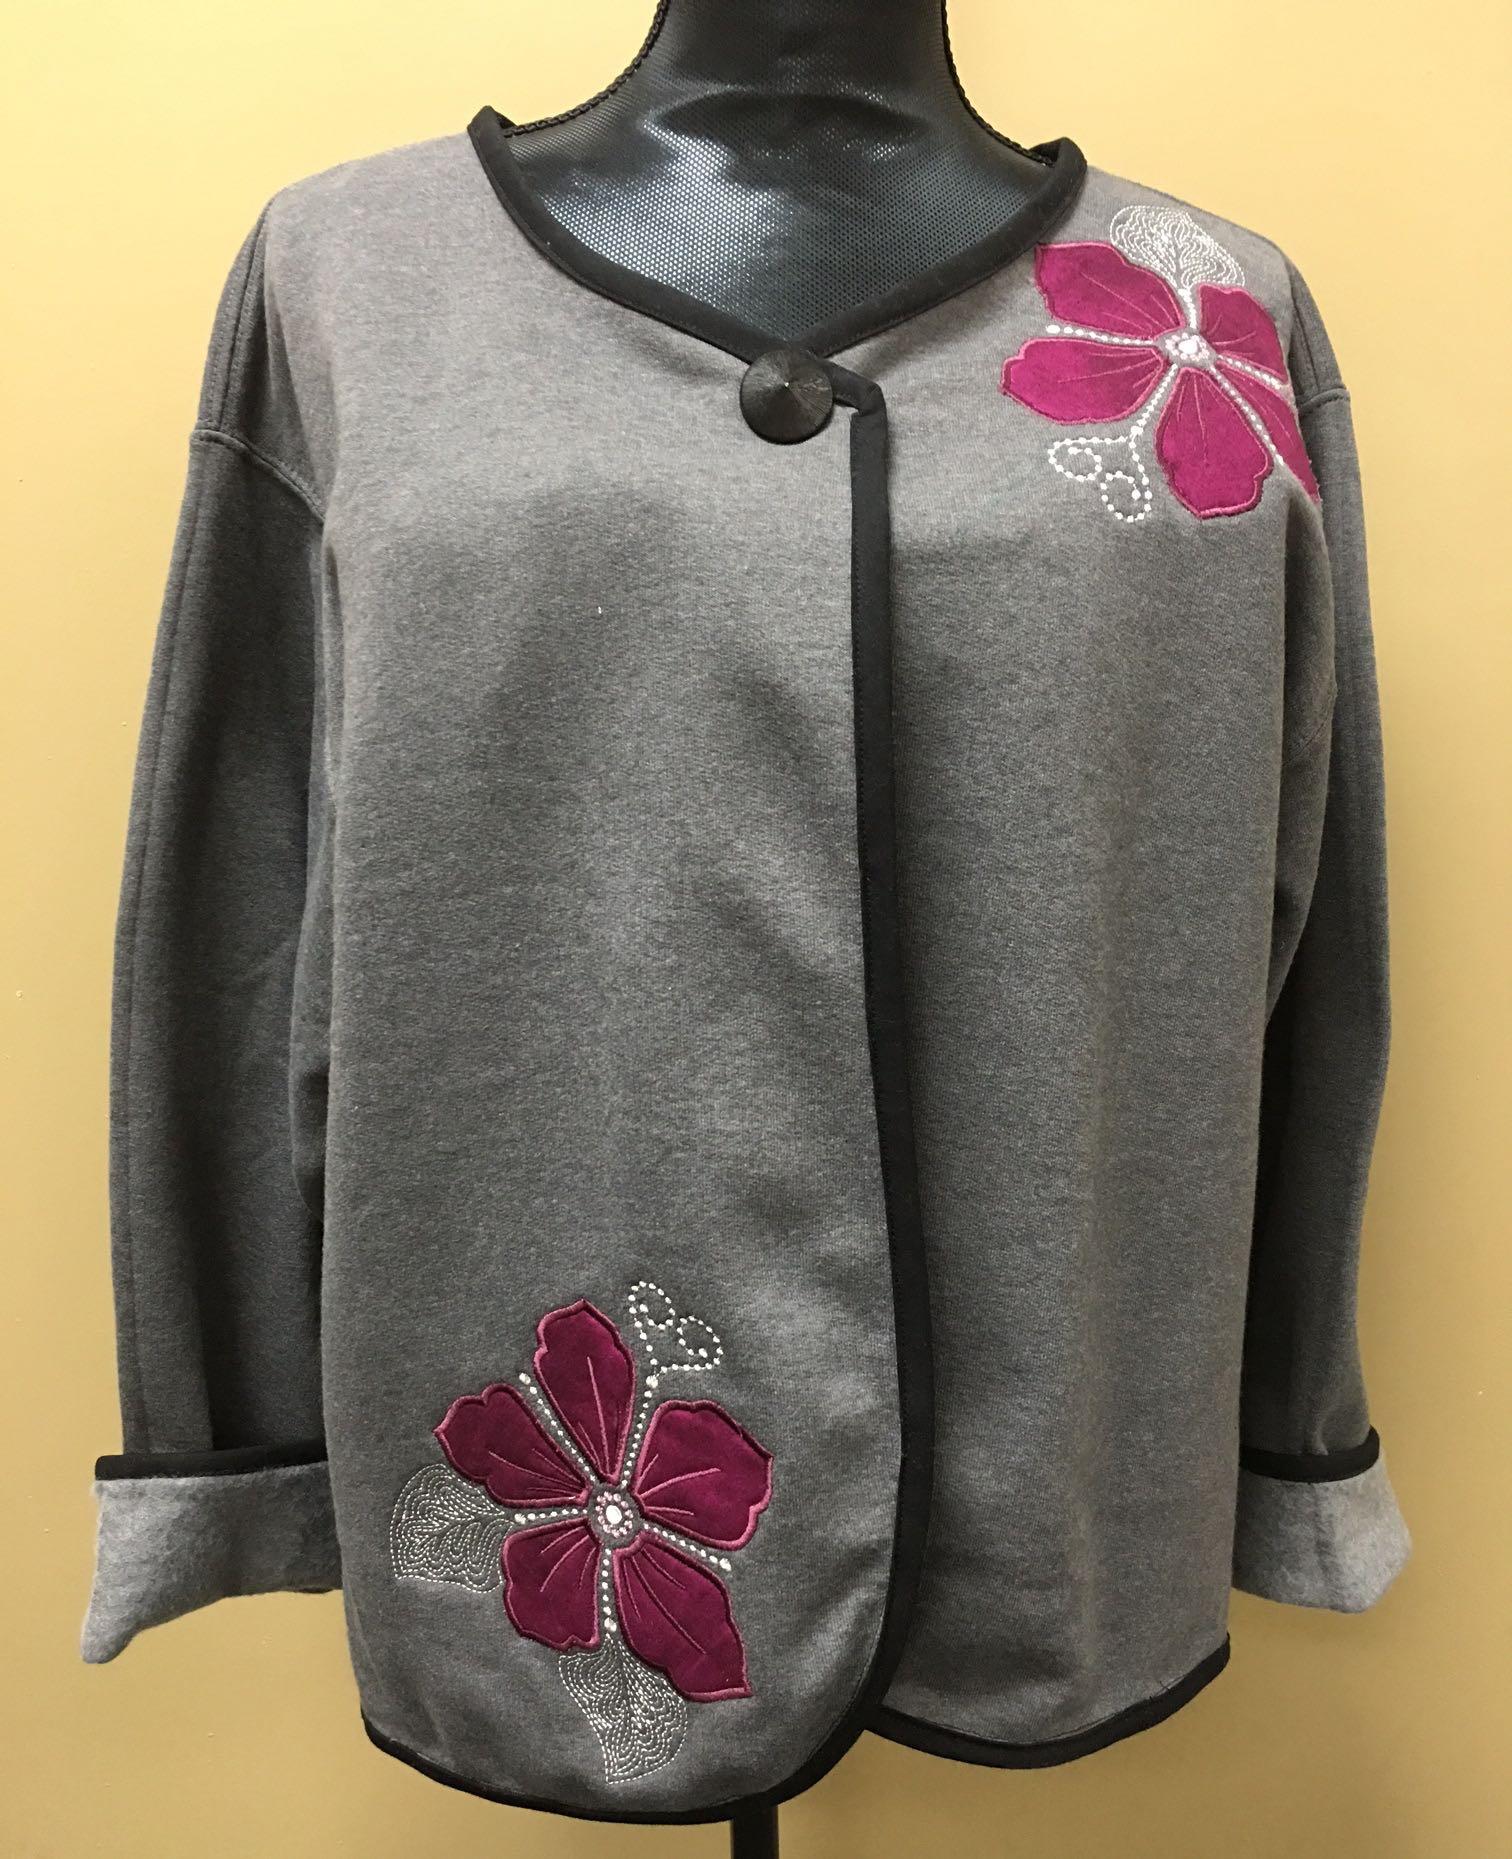 Basic Embroidery - Sweatshirt Jacket